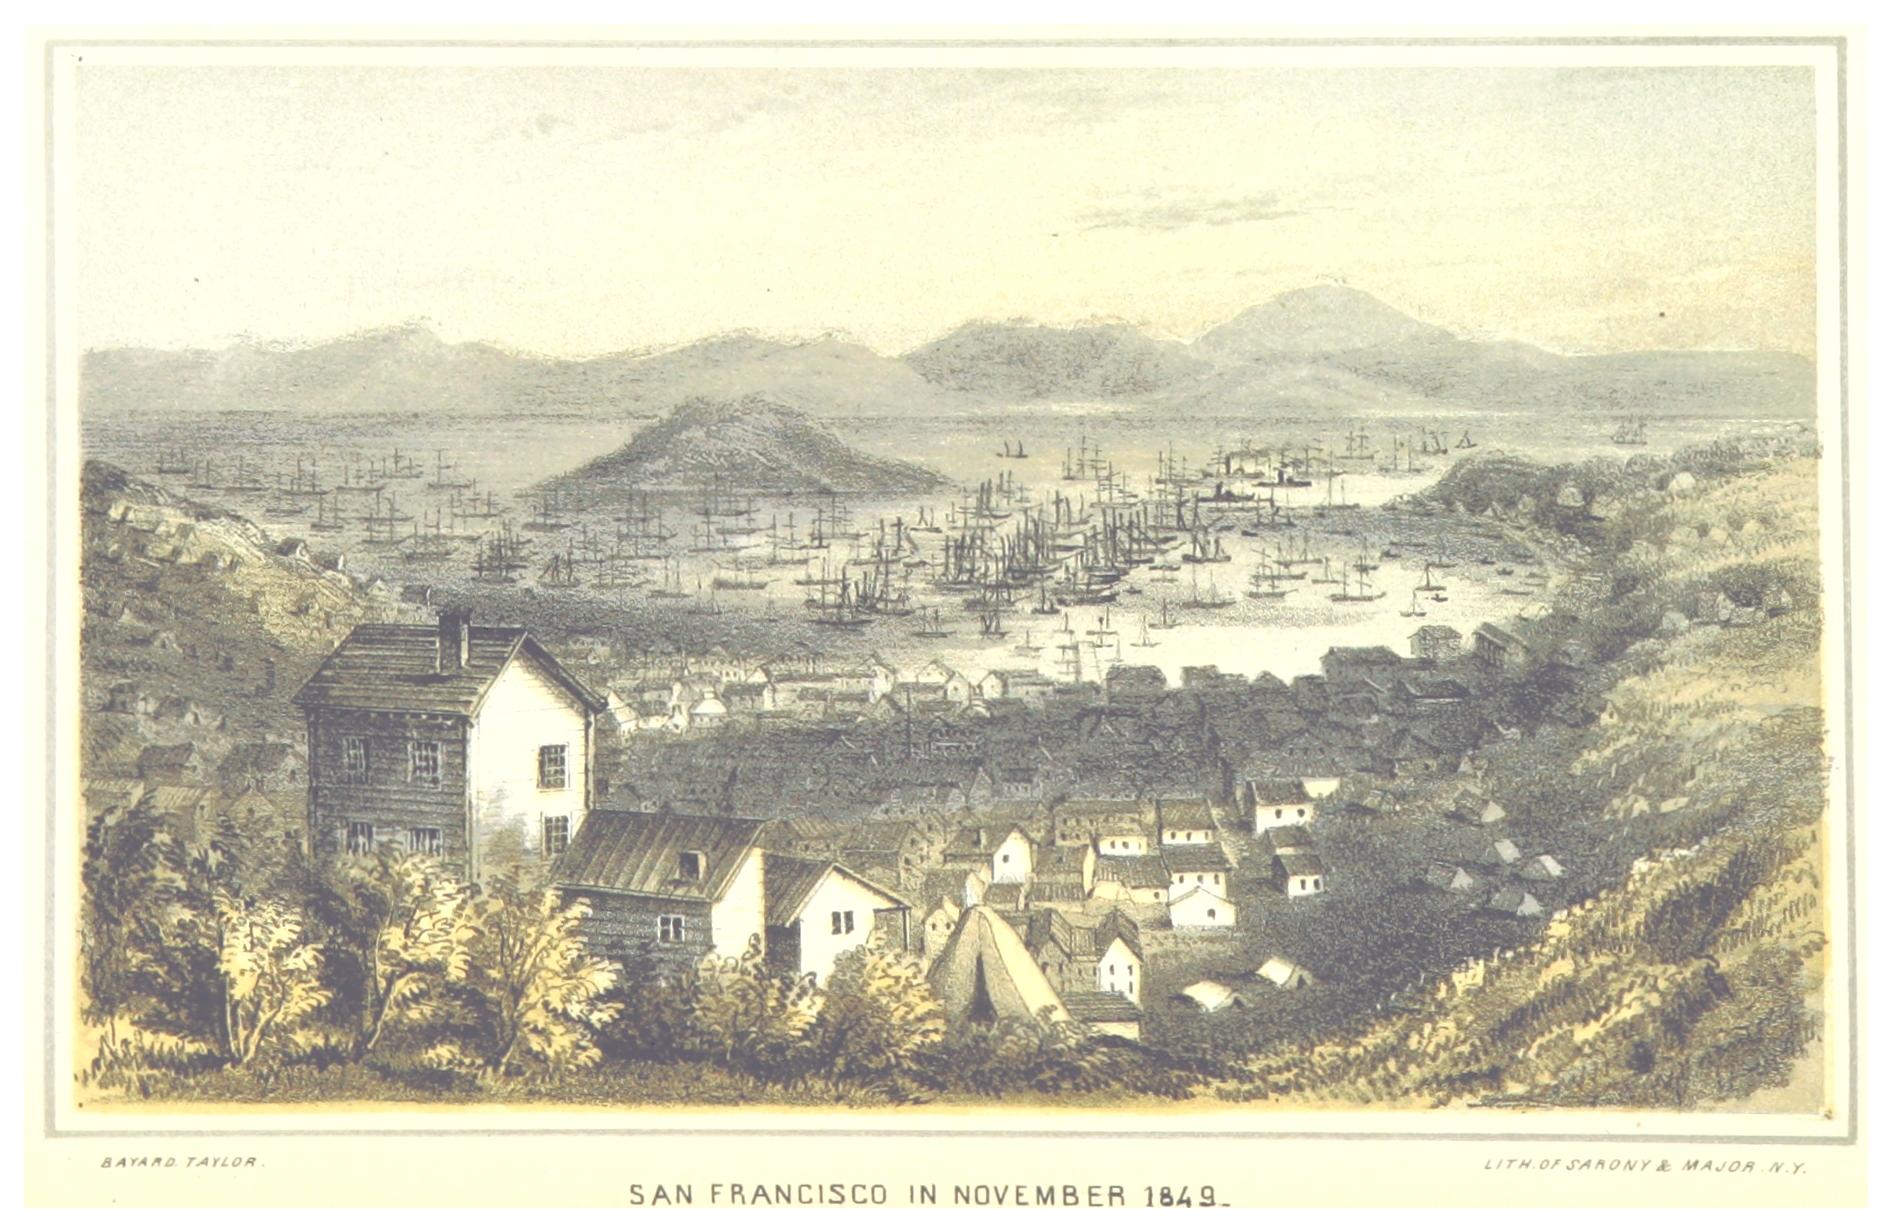 San Francisco in November 1849